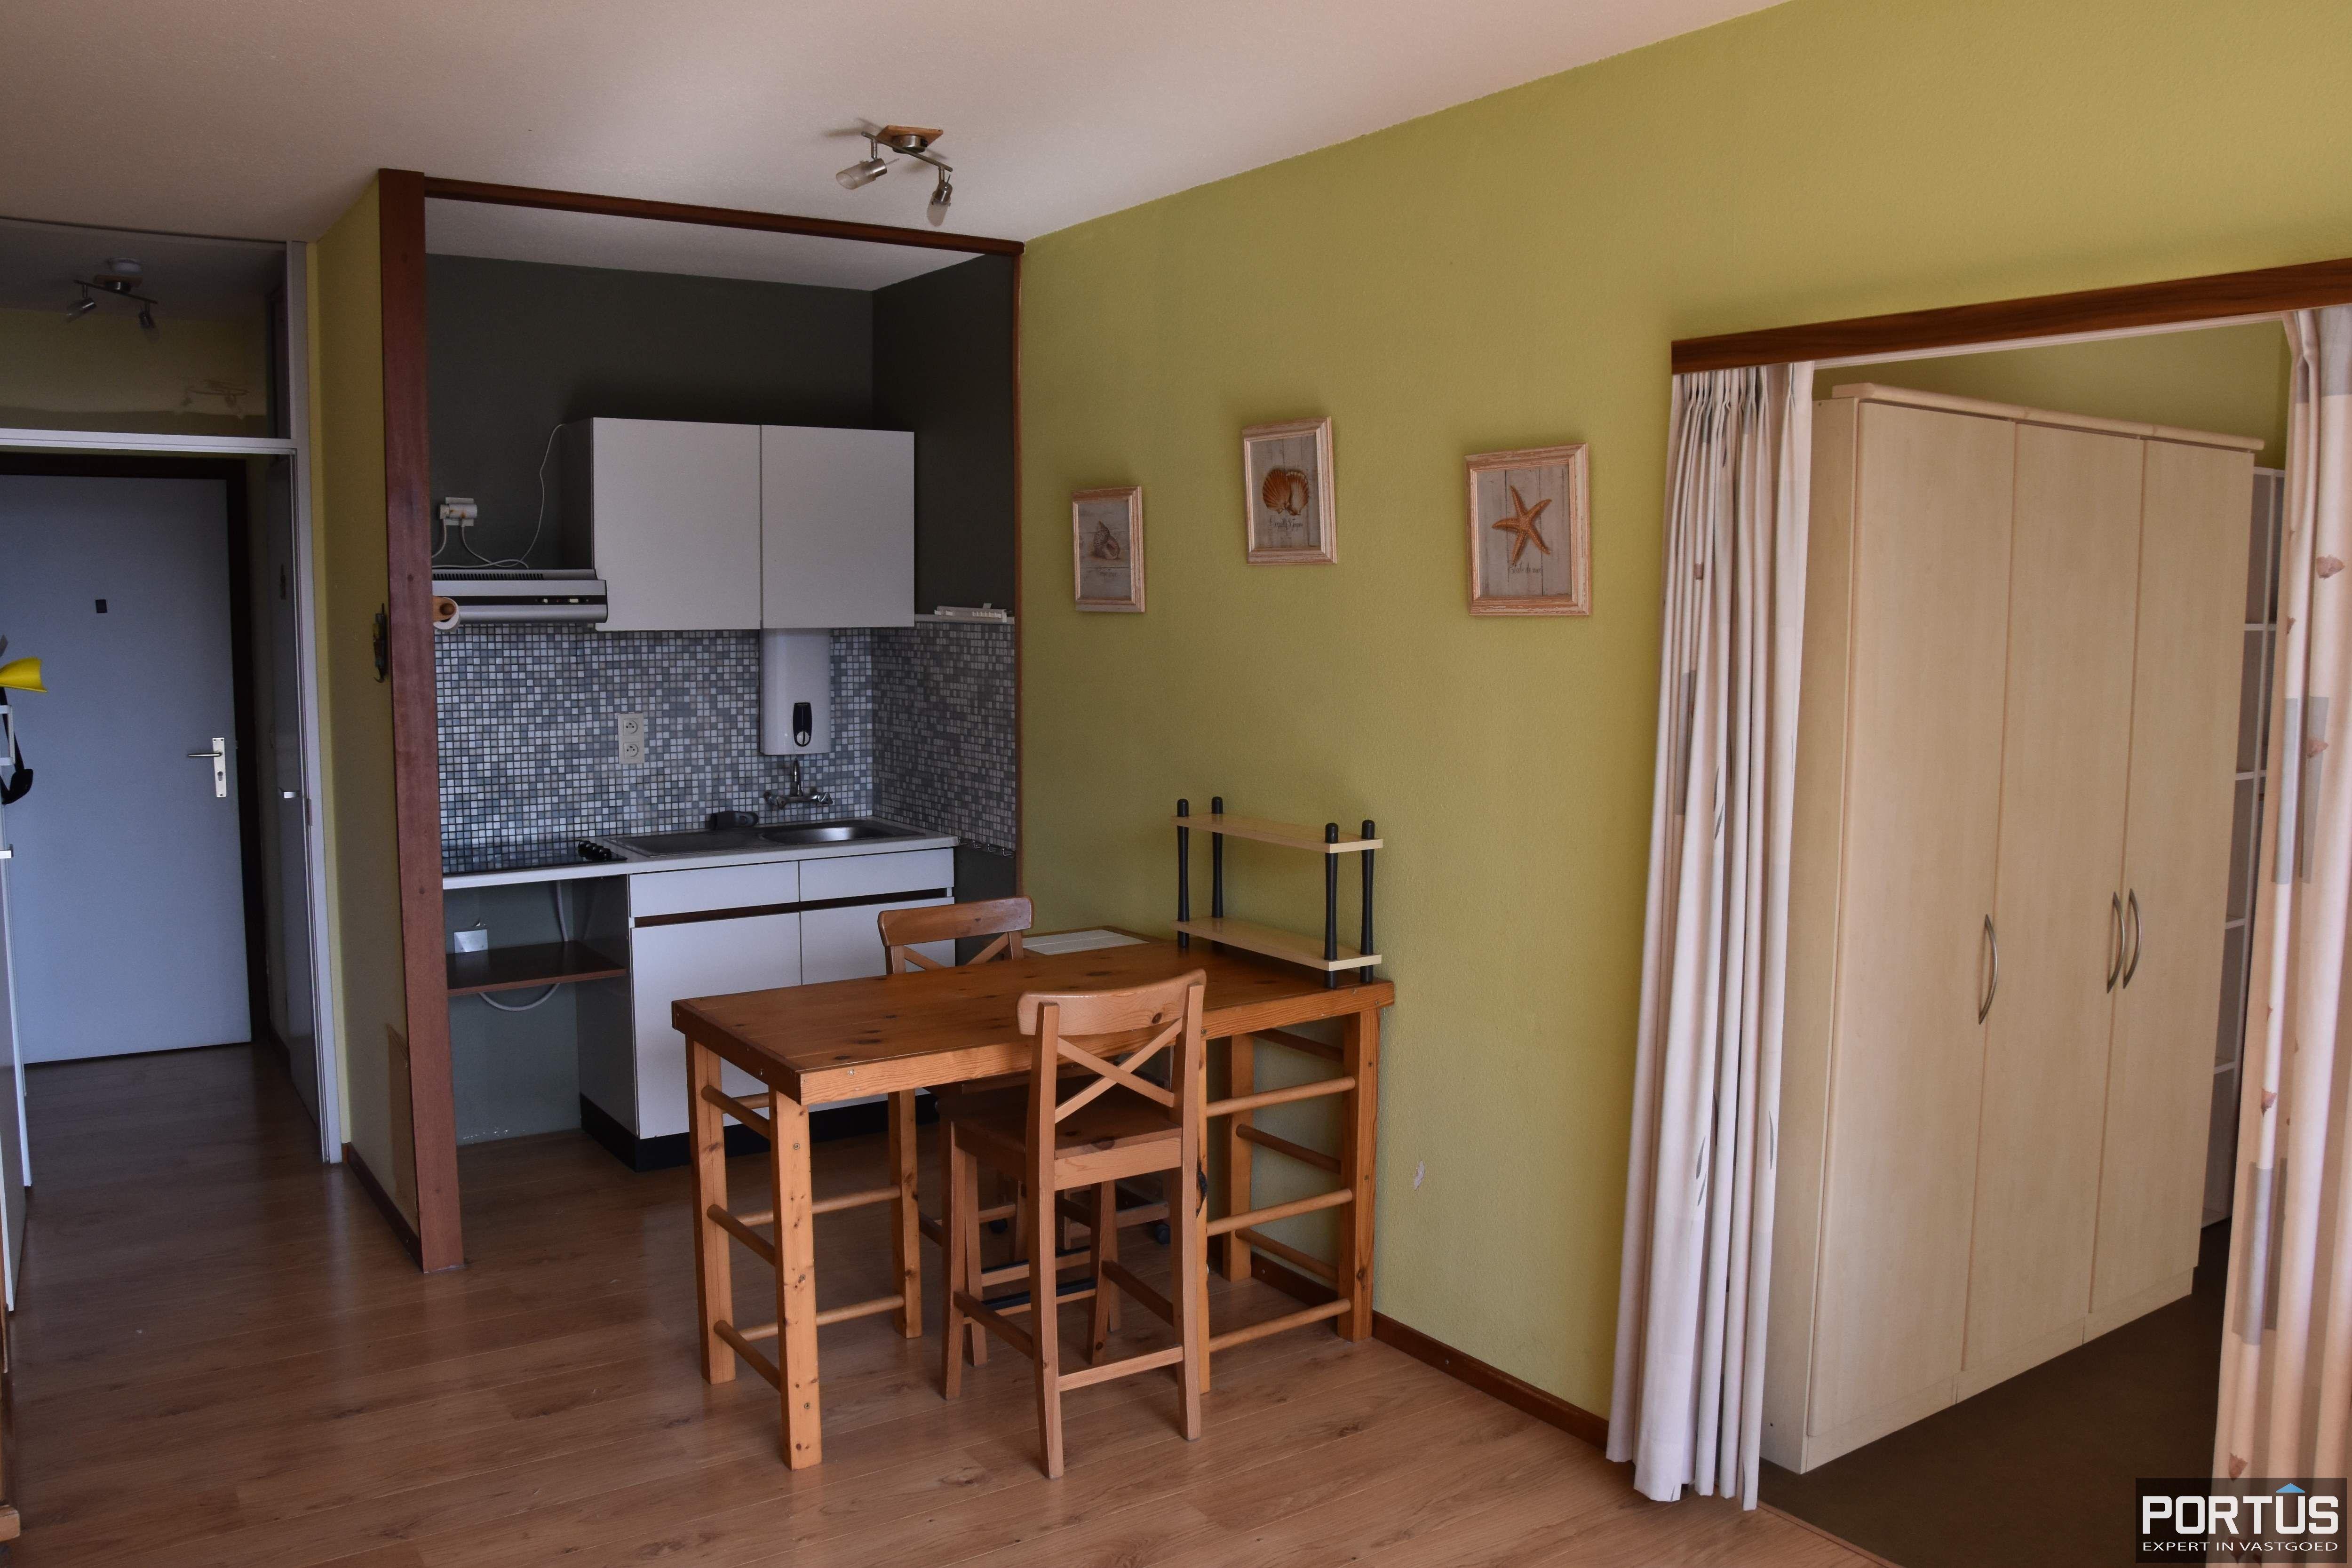 Appartement met staanplaats en berging te huur Nieuwpoort - 9711